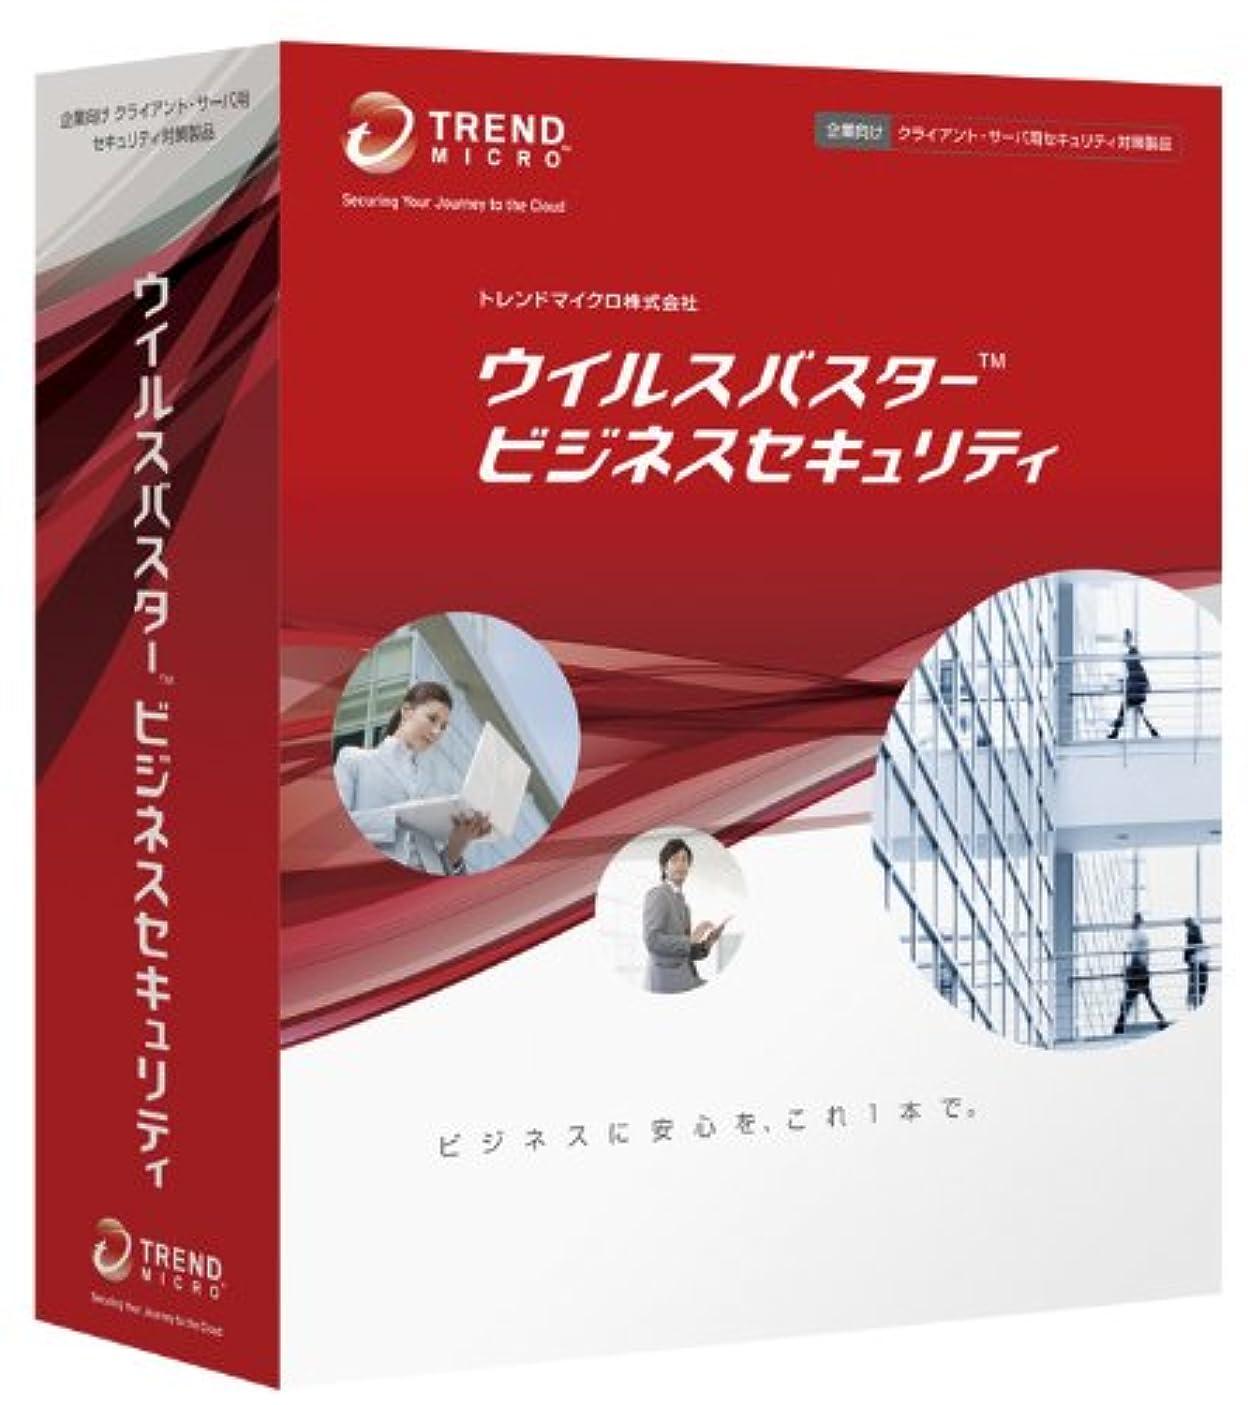 軽一次ミュウミュウPKG ウイルスバスター ビジネスセキュリティ 新規 5ユーザ